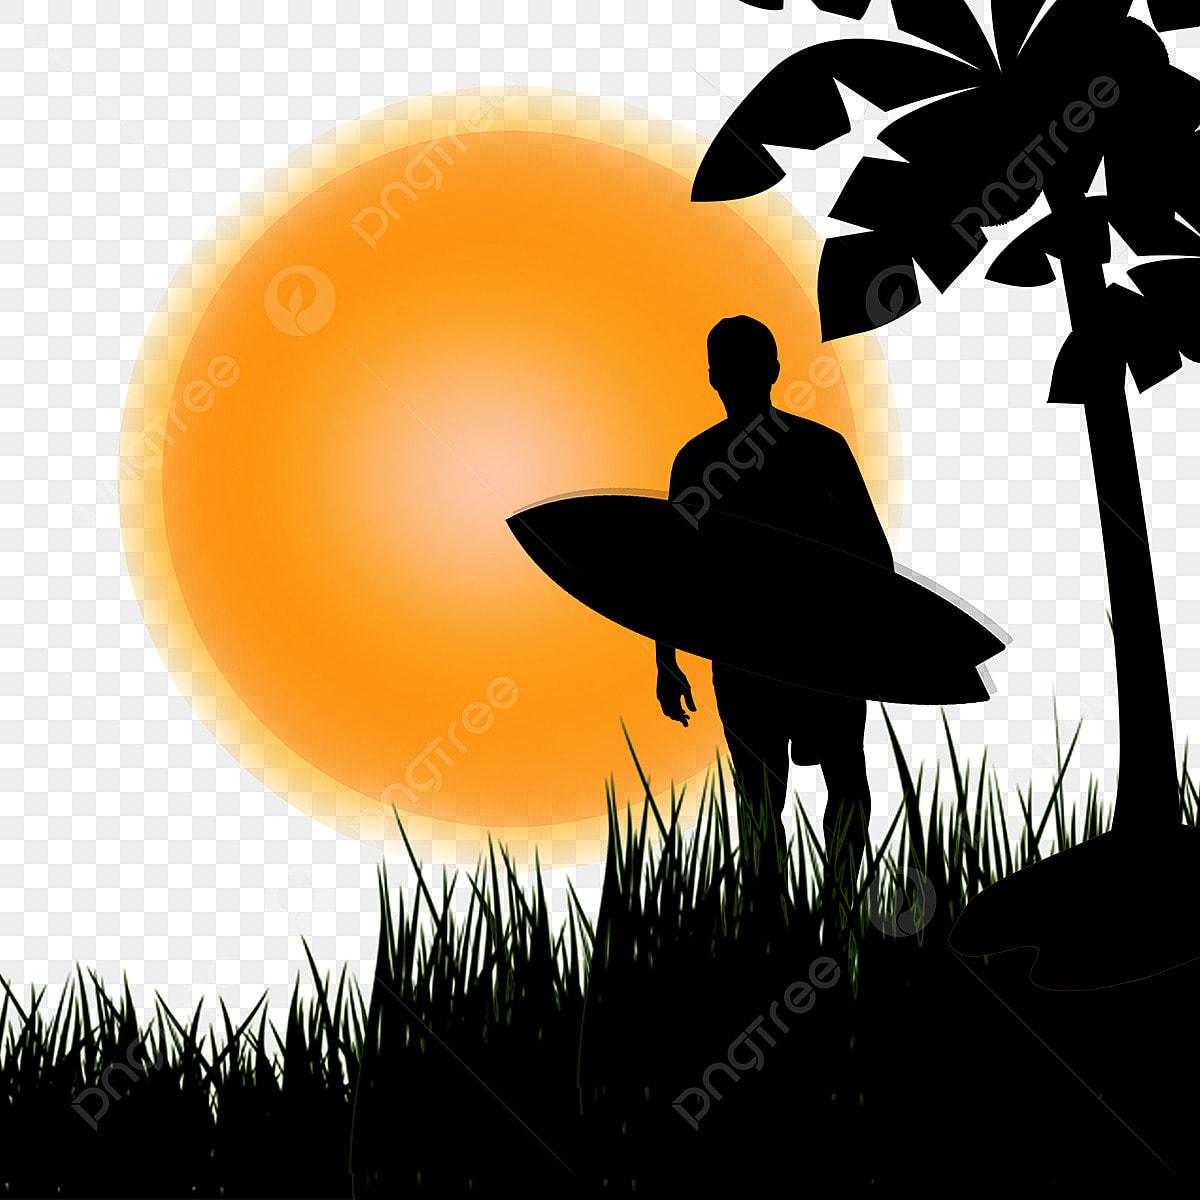 陽射しサーフィン サーフィン 椰子 人物画像素材の無料ダウンロード